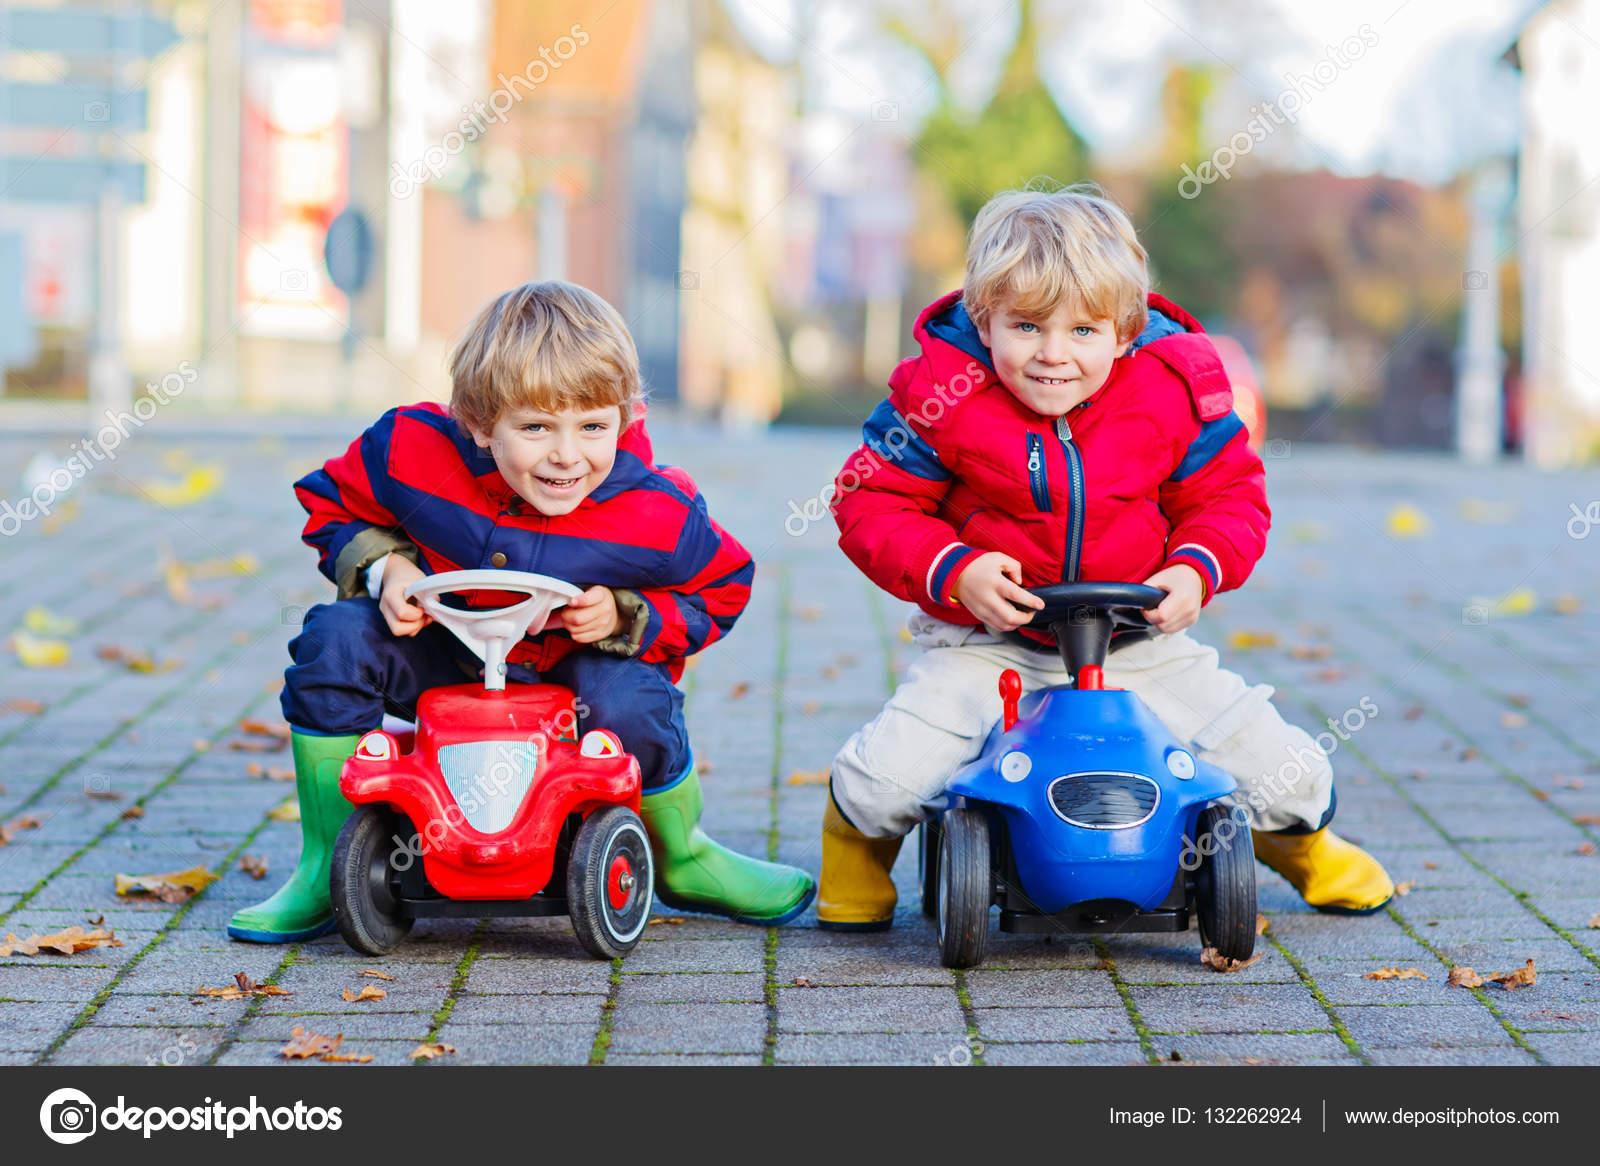 Пазлы для мальчиков онлайн. Играть в пазлы для